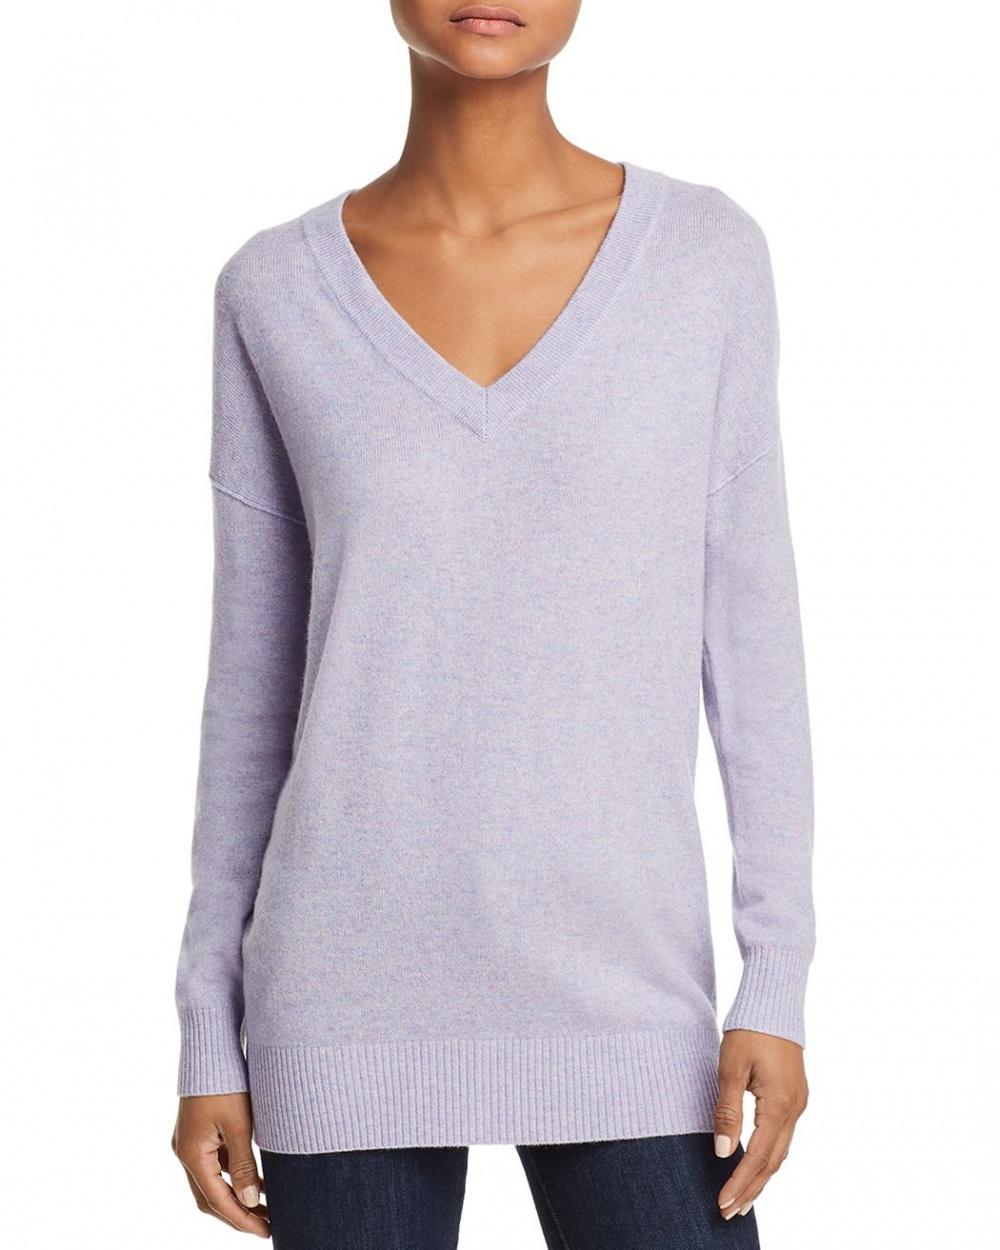 Кашемировый свитер Aqua Cashmere, размер S